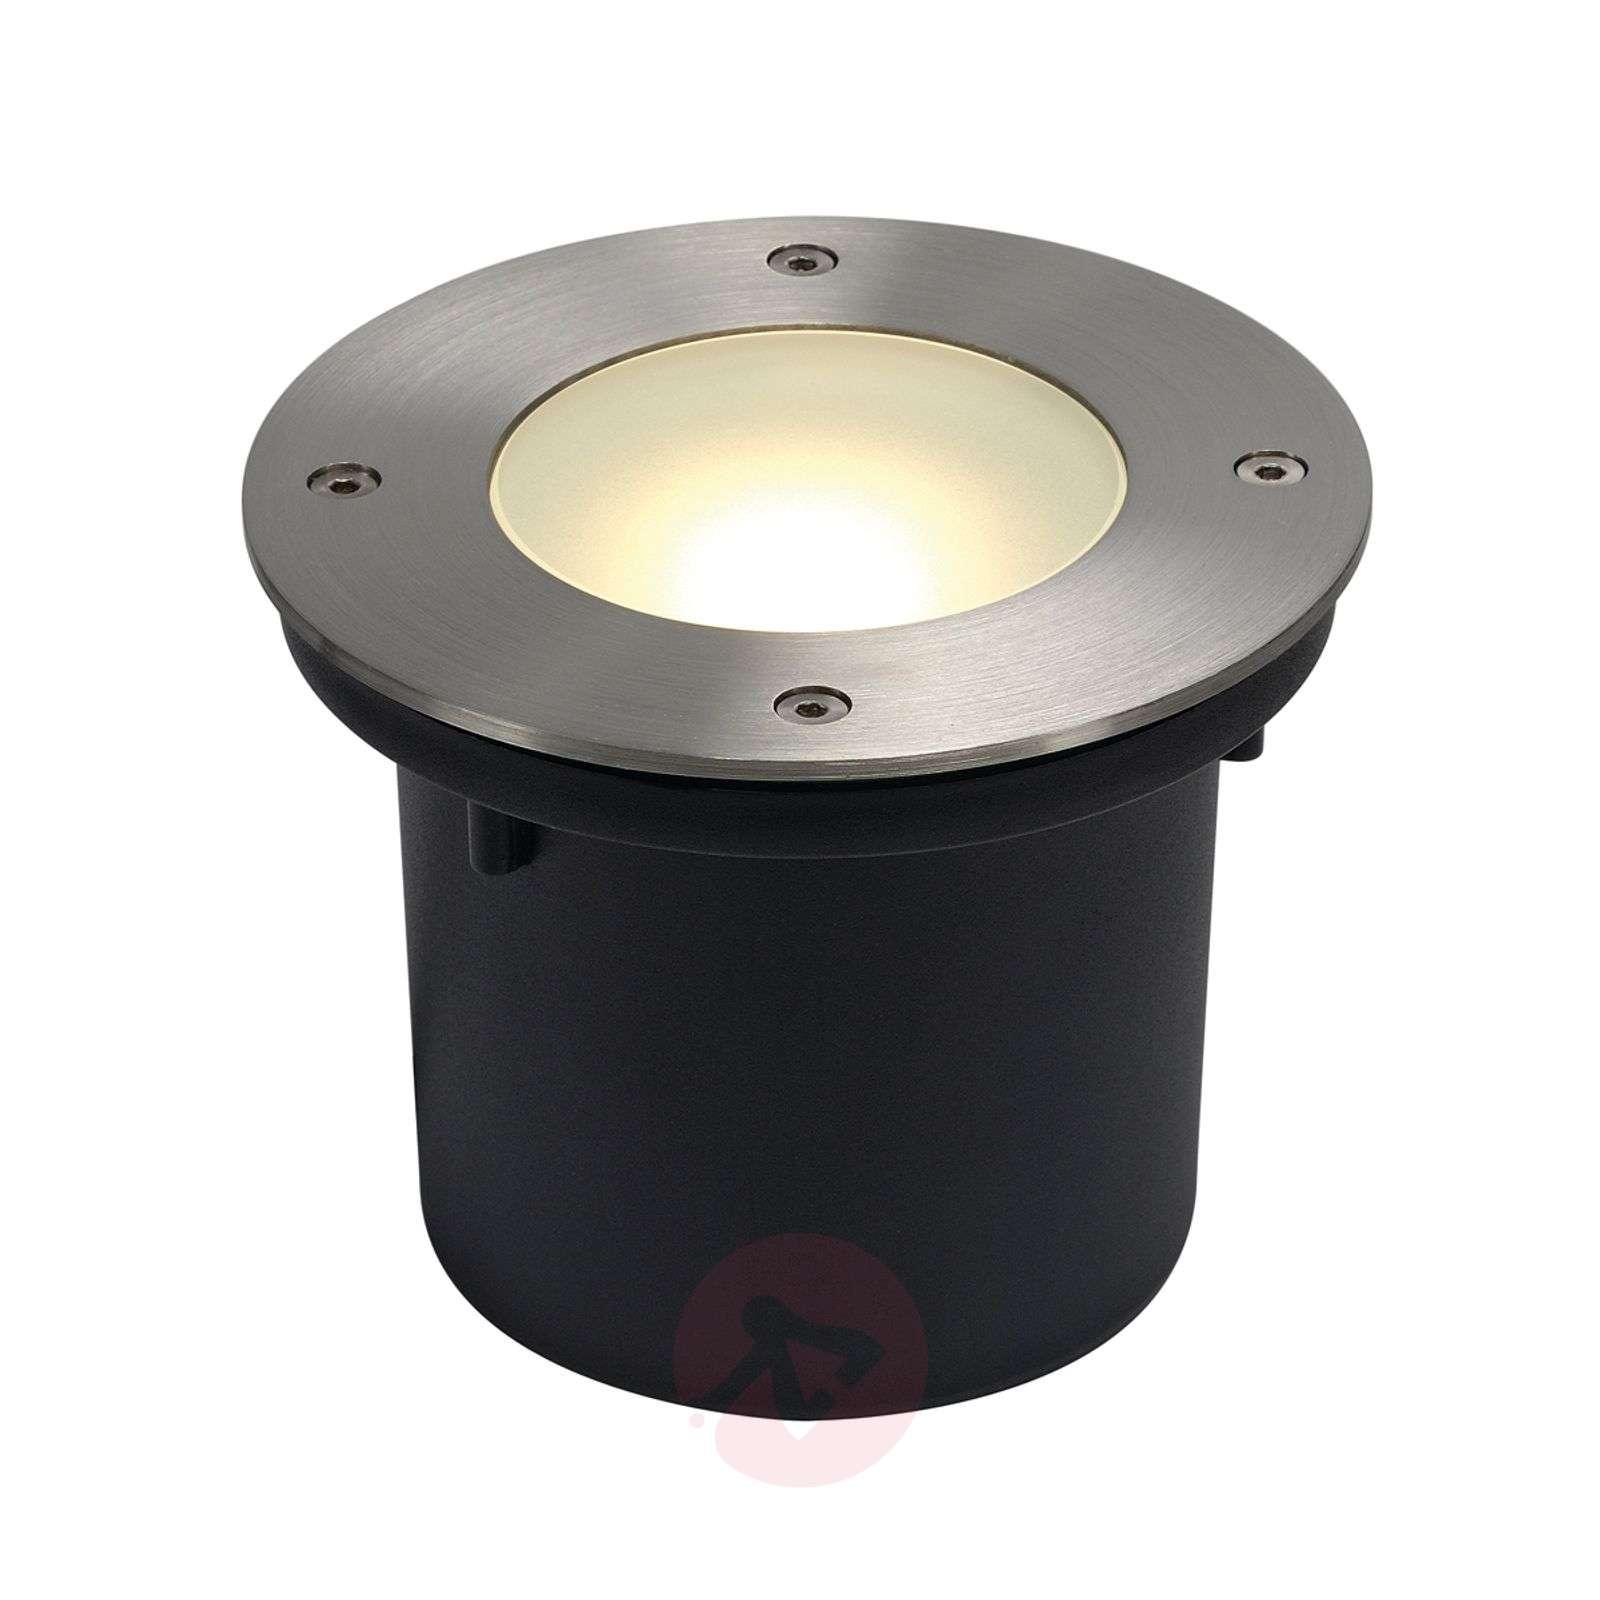 LED-maavalaisin WETSY DISK, pyöreä-5504349-01